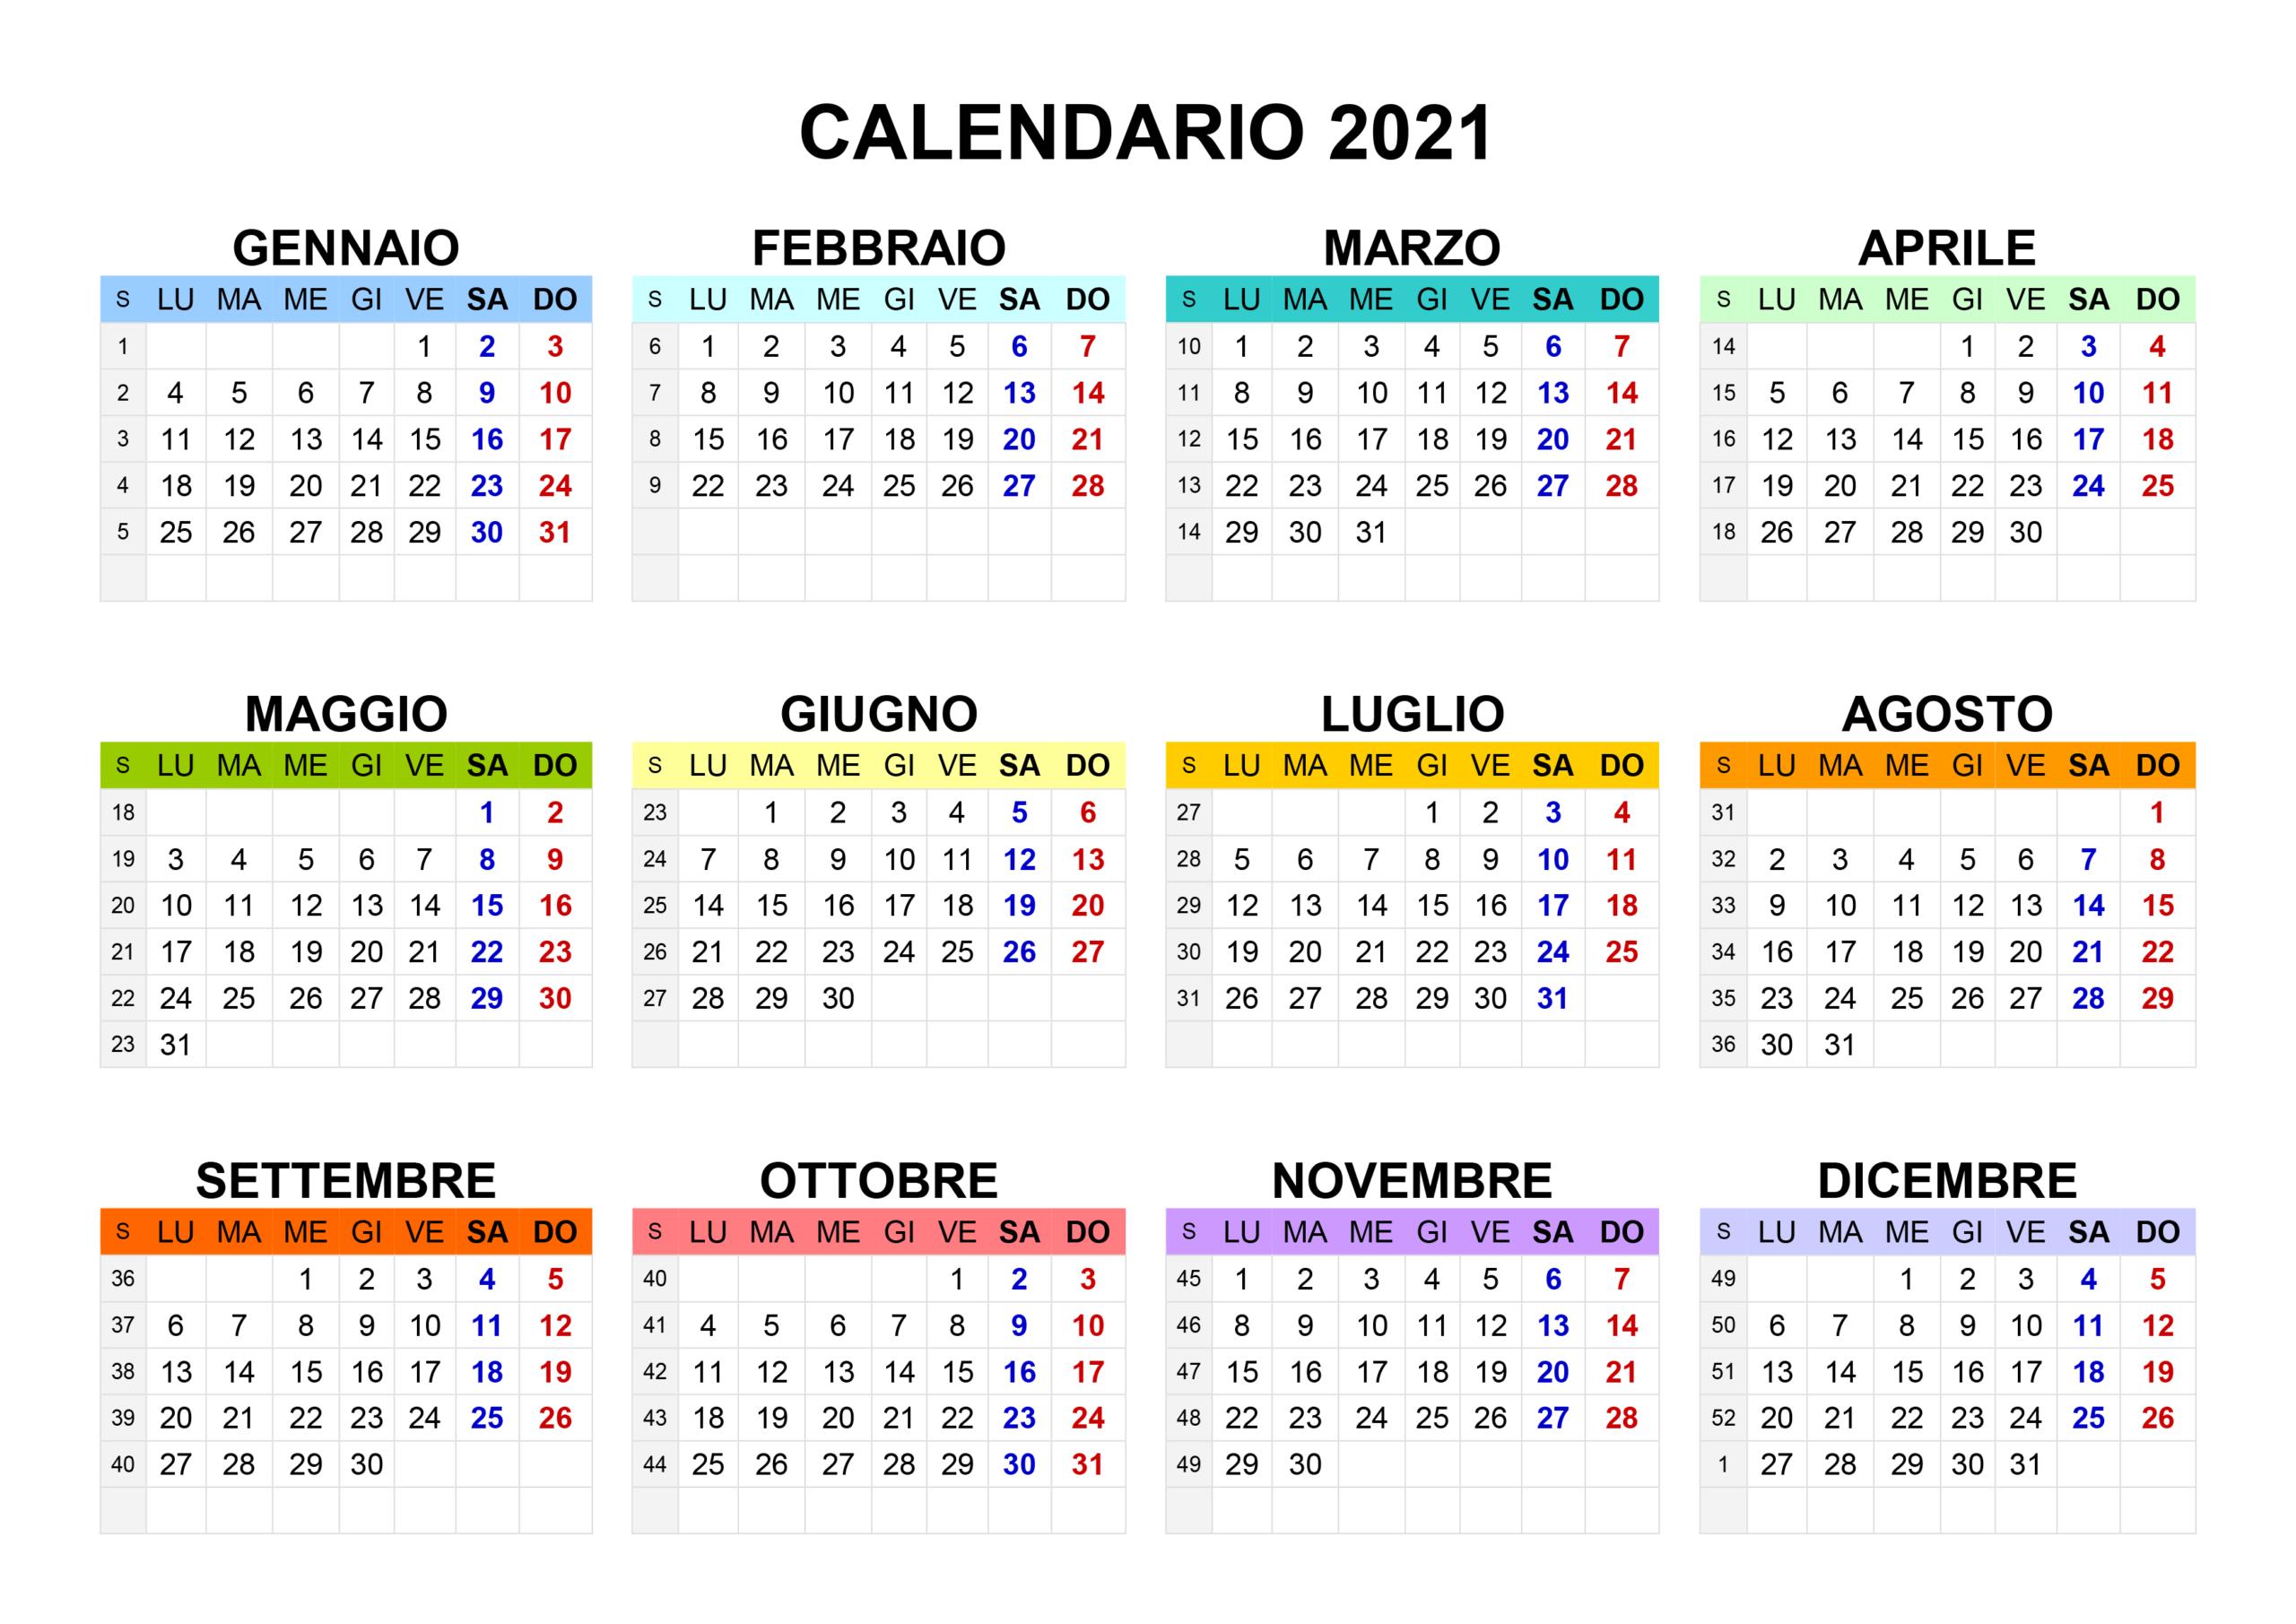 Immagini Calendario 2021 – Immagini